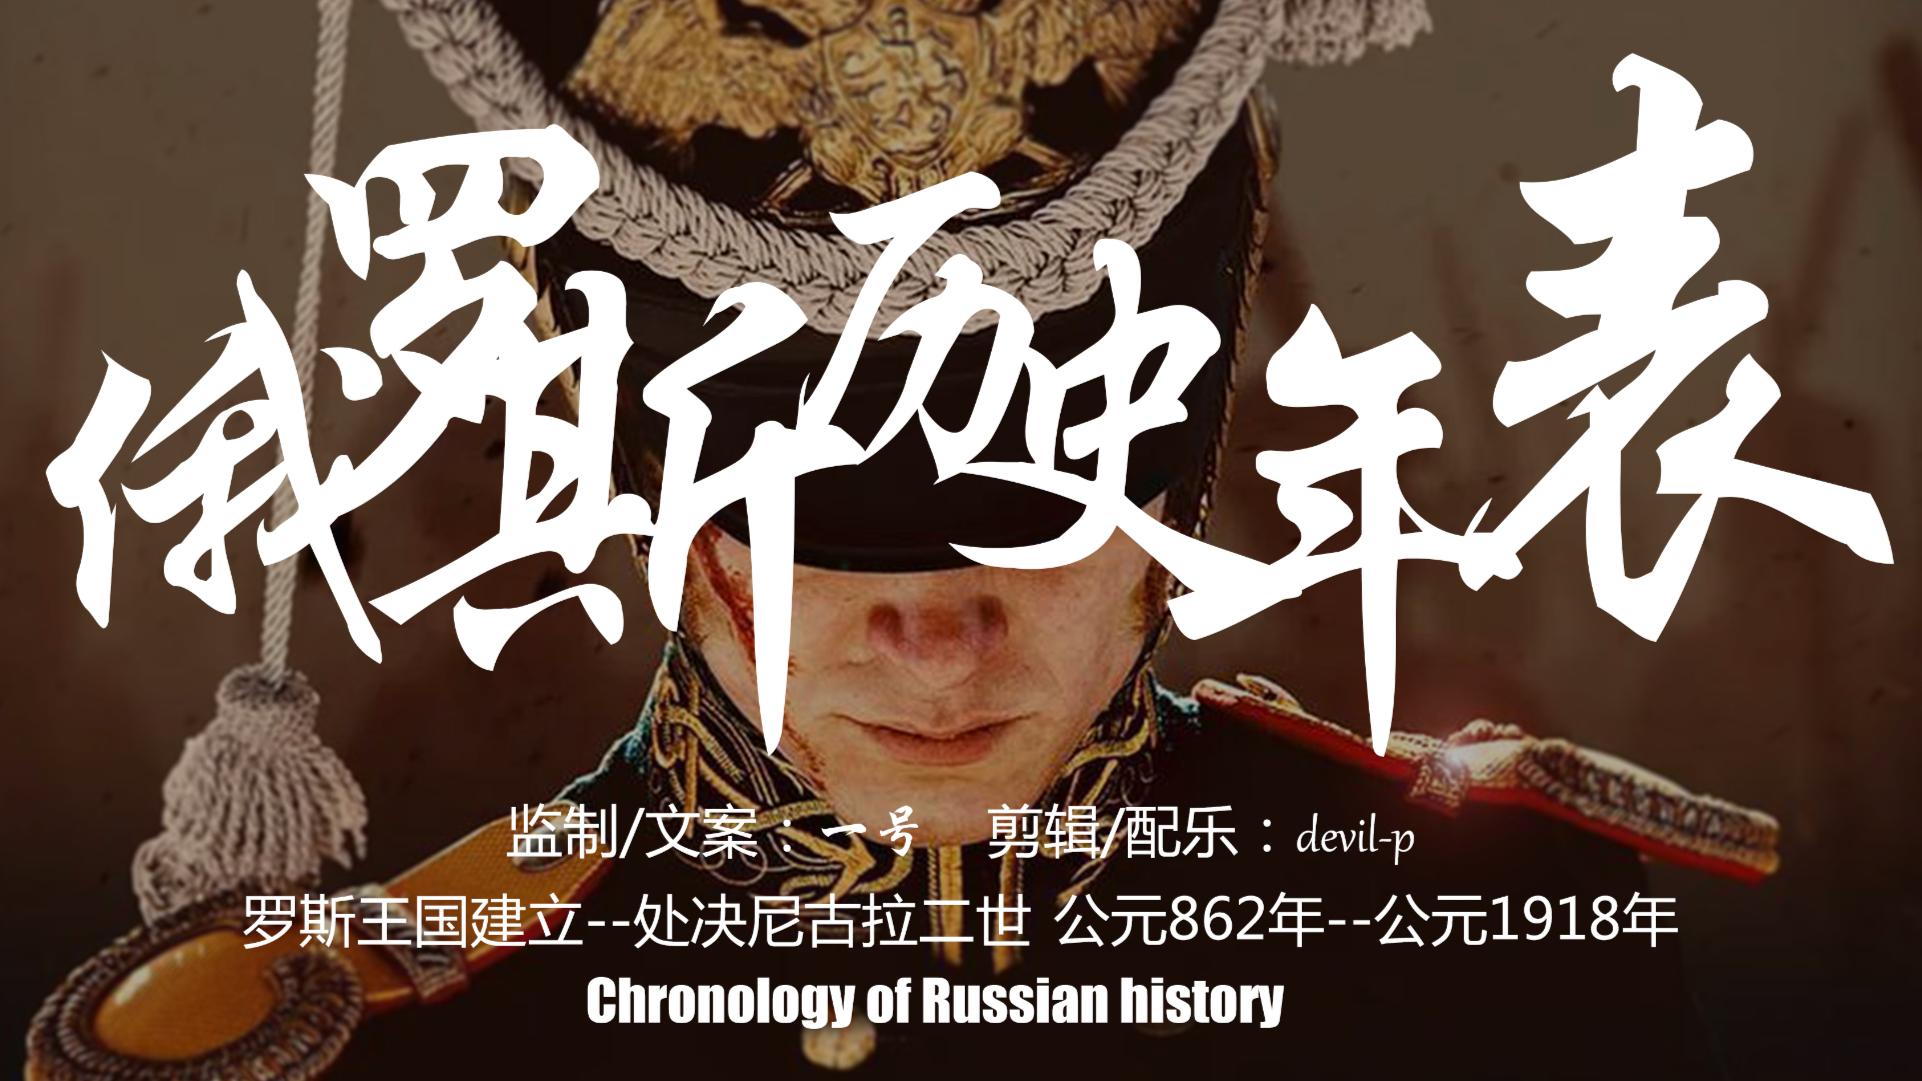 史诗!俄罗斯历史年表,励精图治,文化彼岸